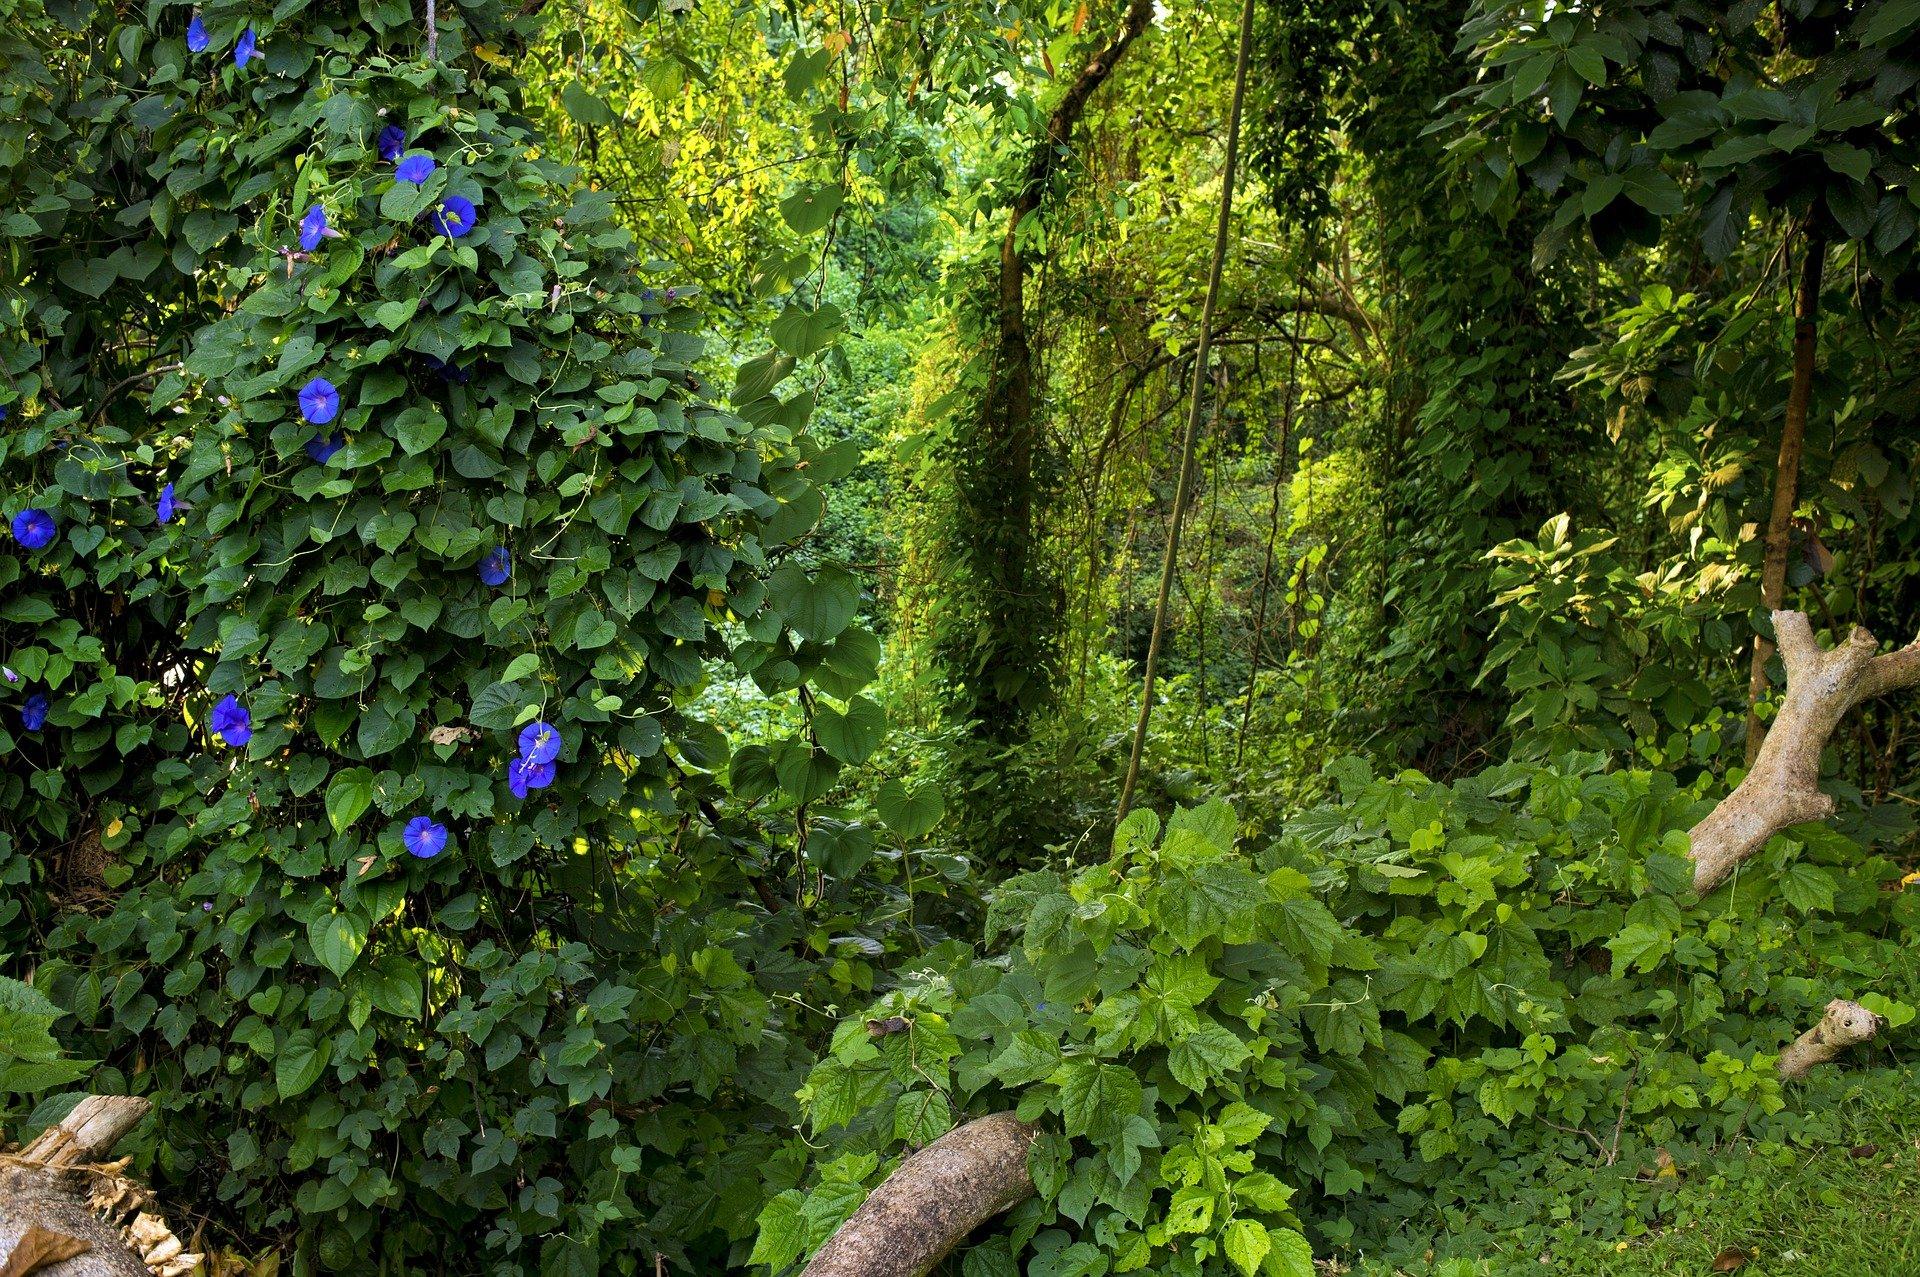 jungle-2108882_1920